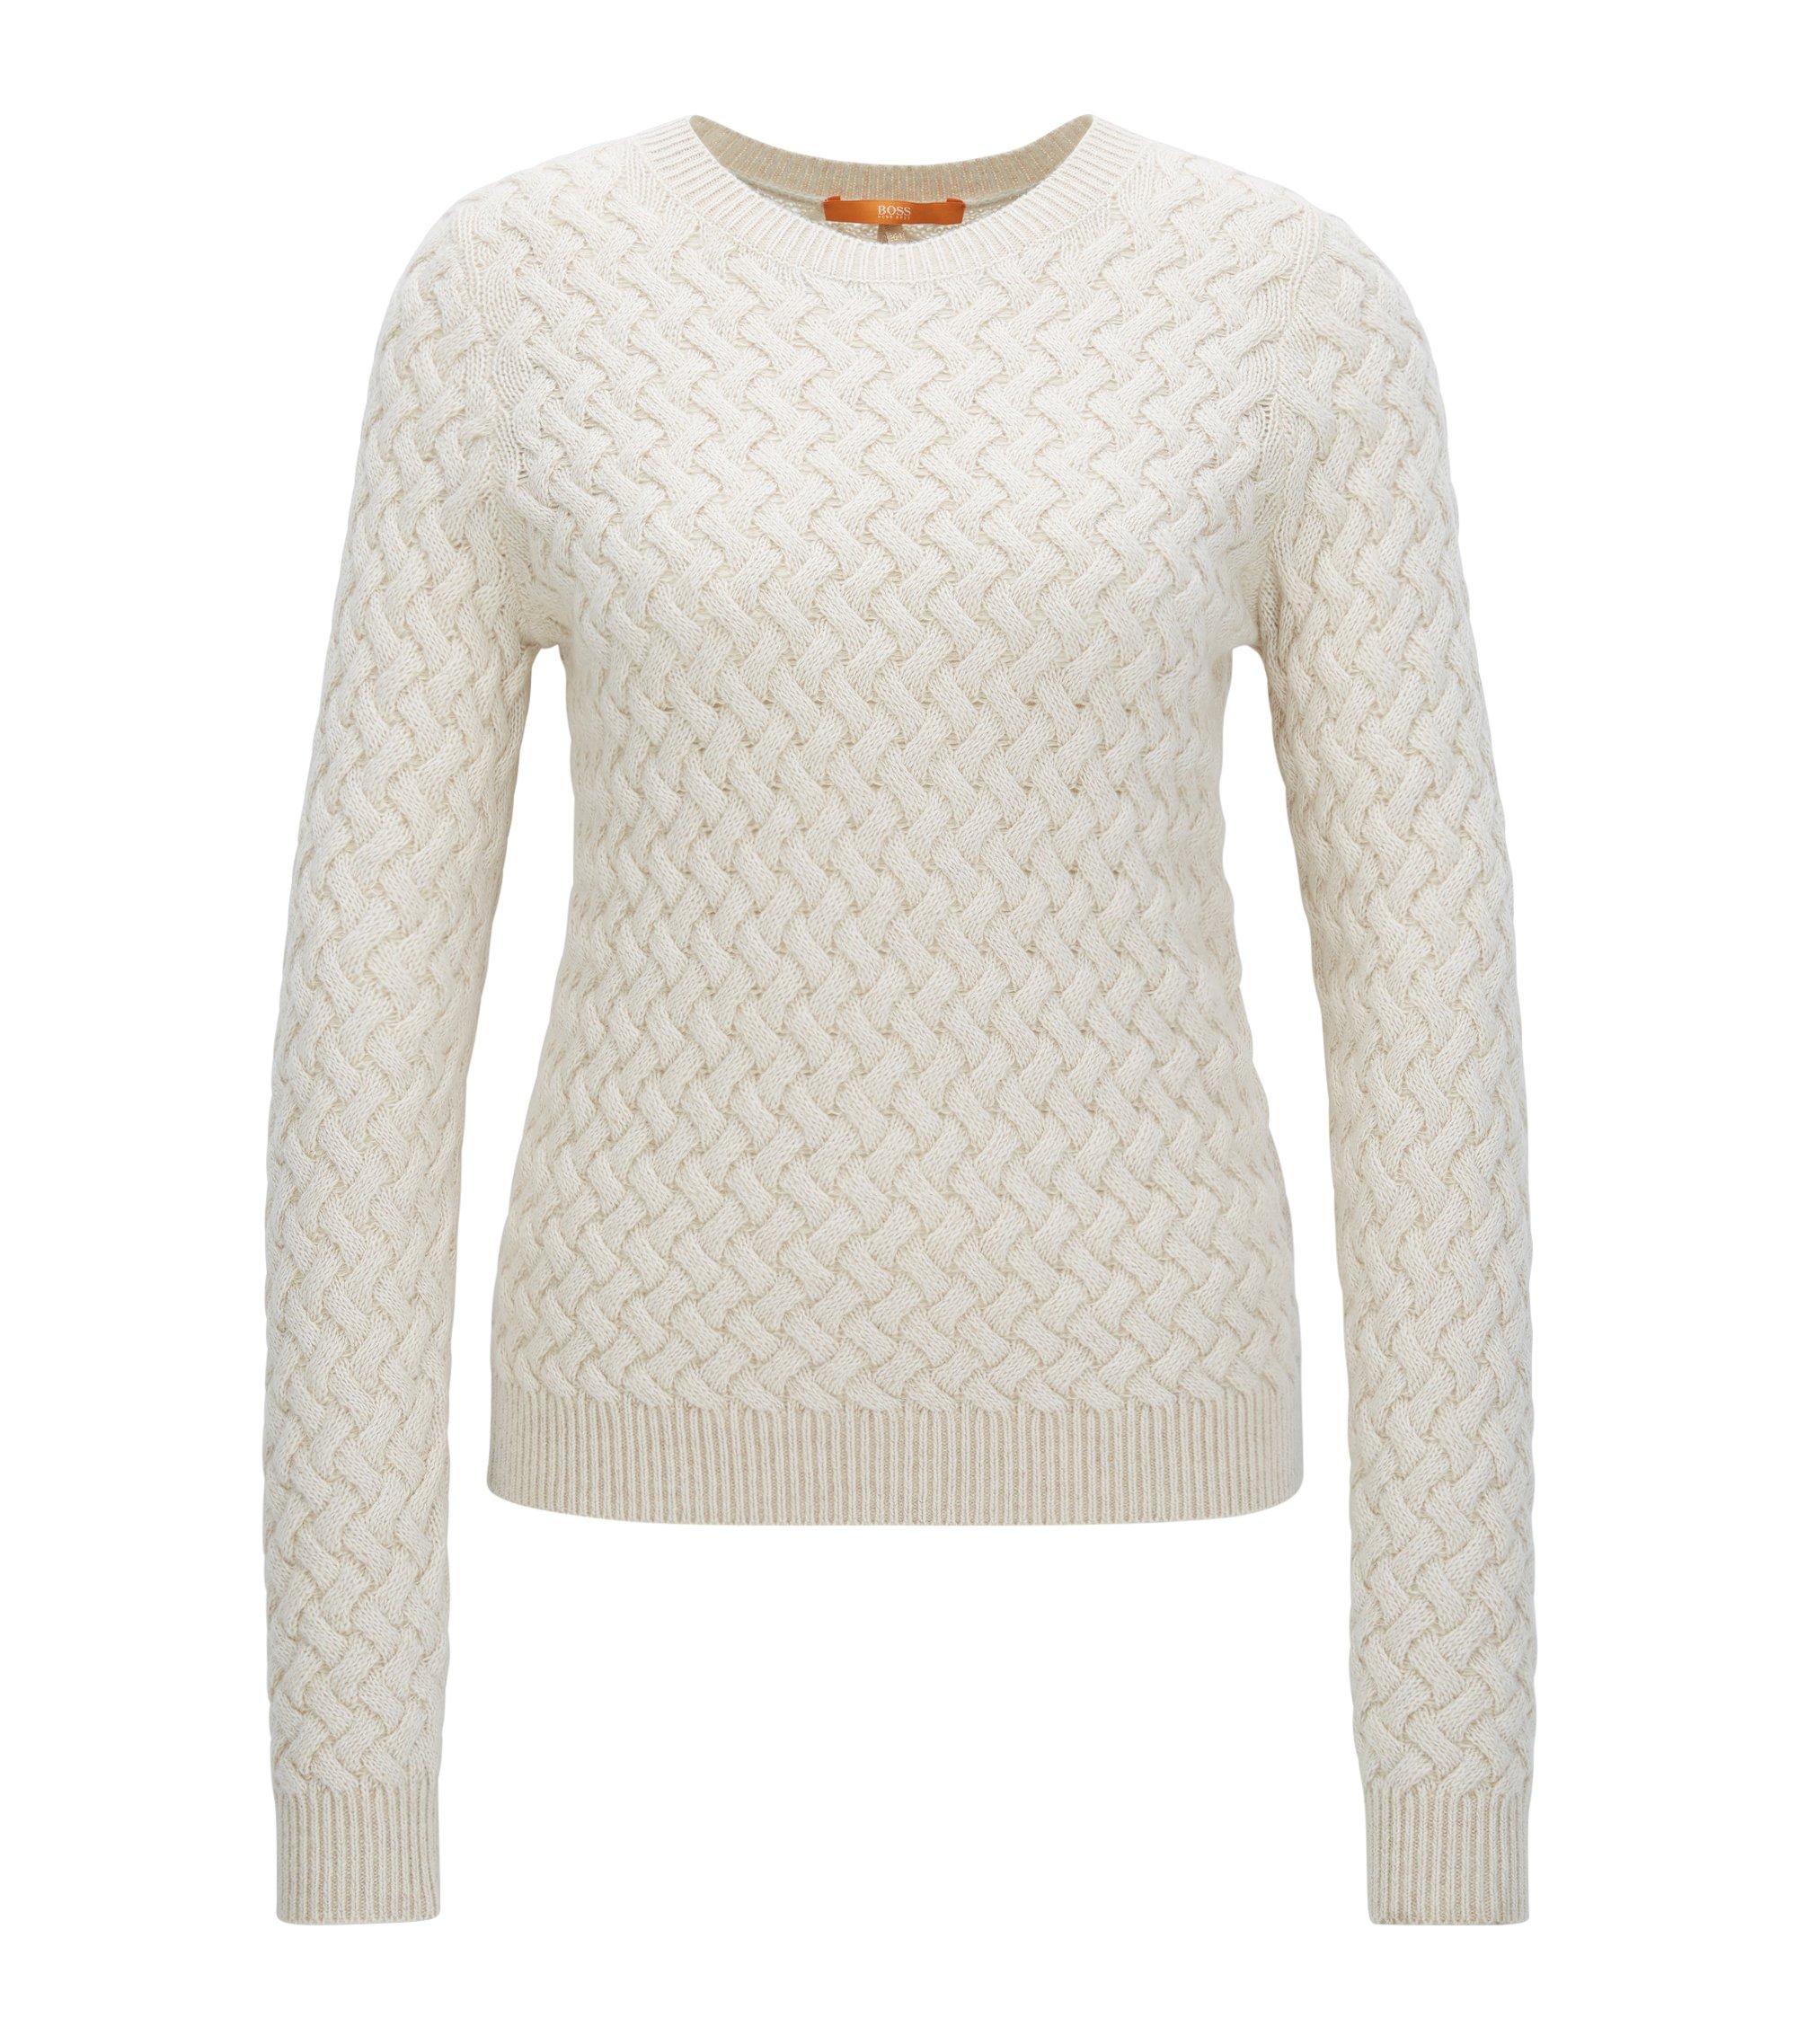 Jersey de punto con textura en mezcla de lana, Natural